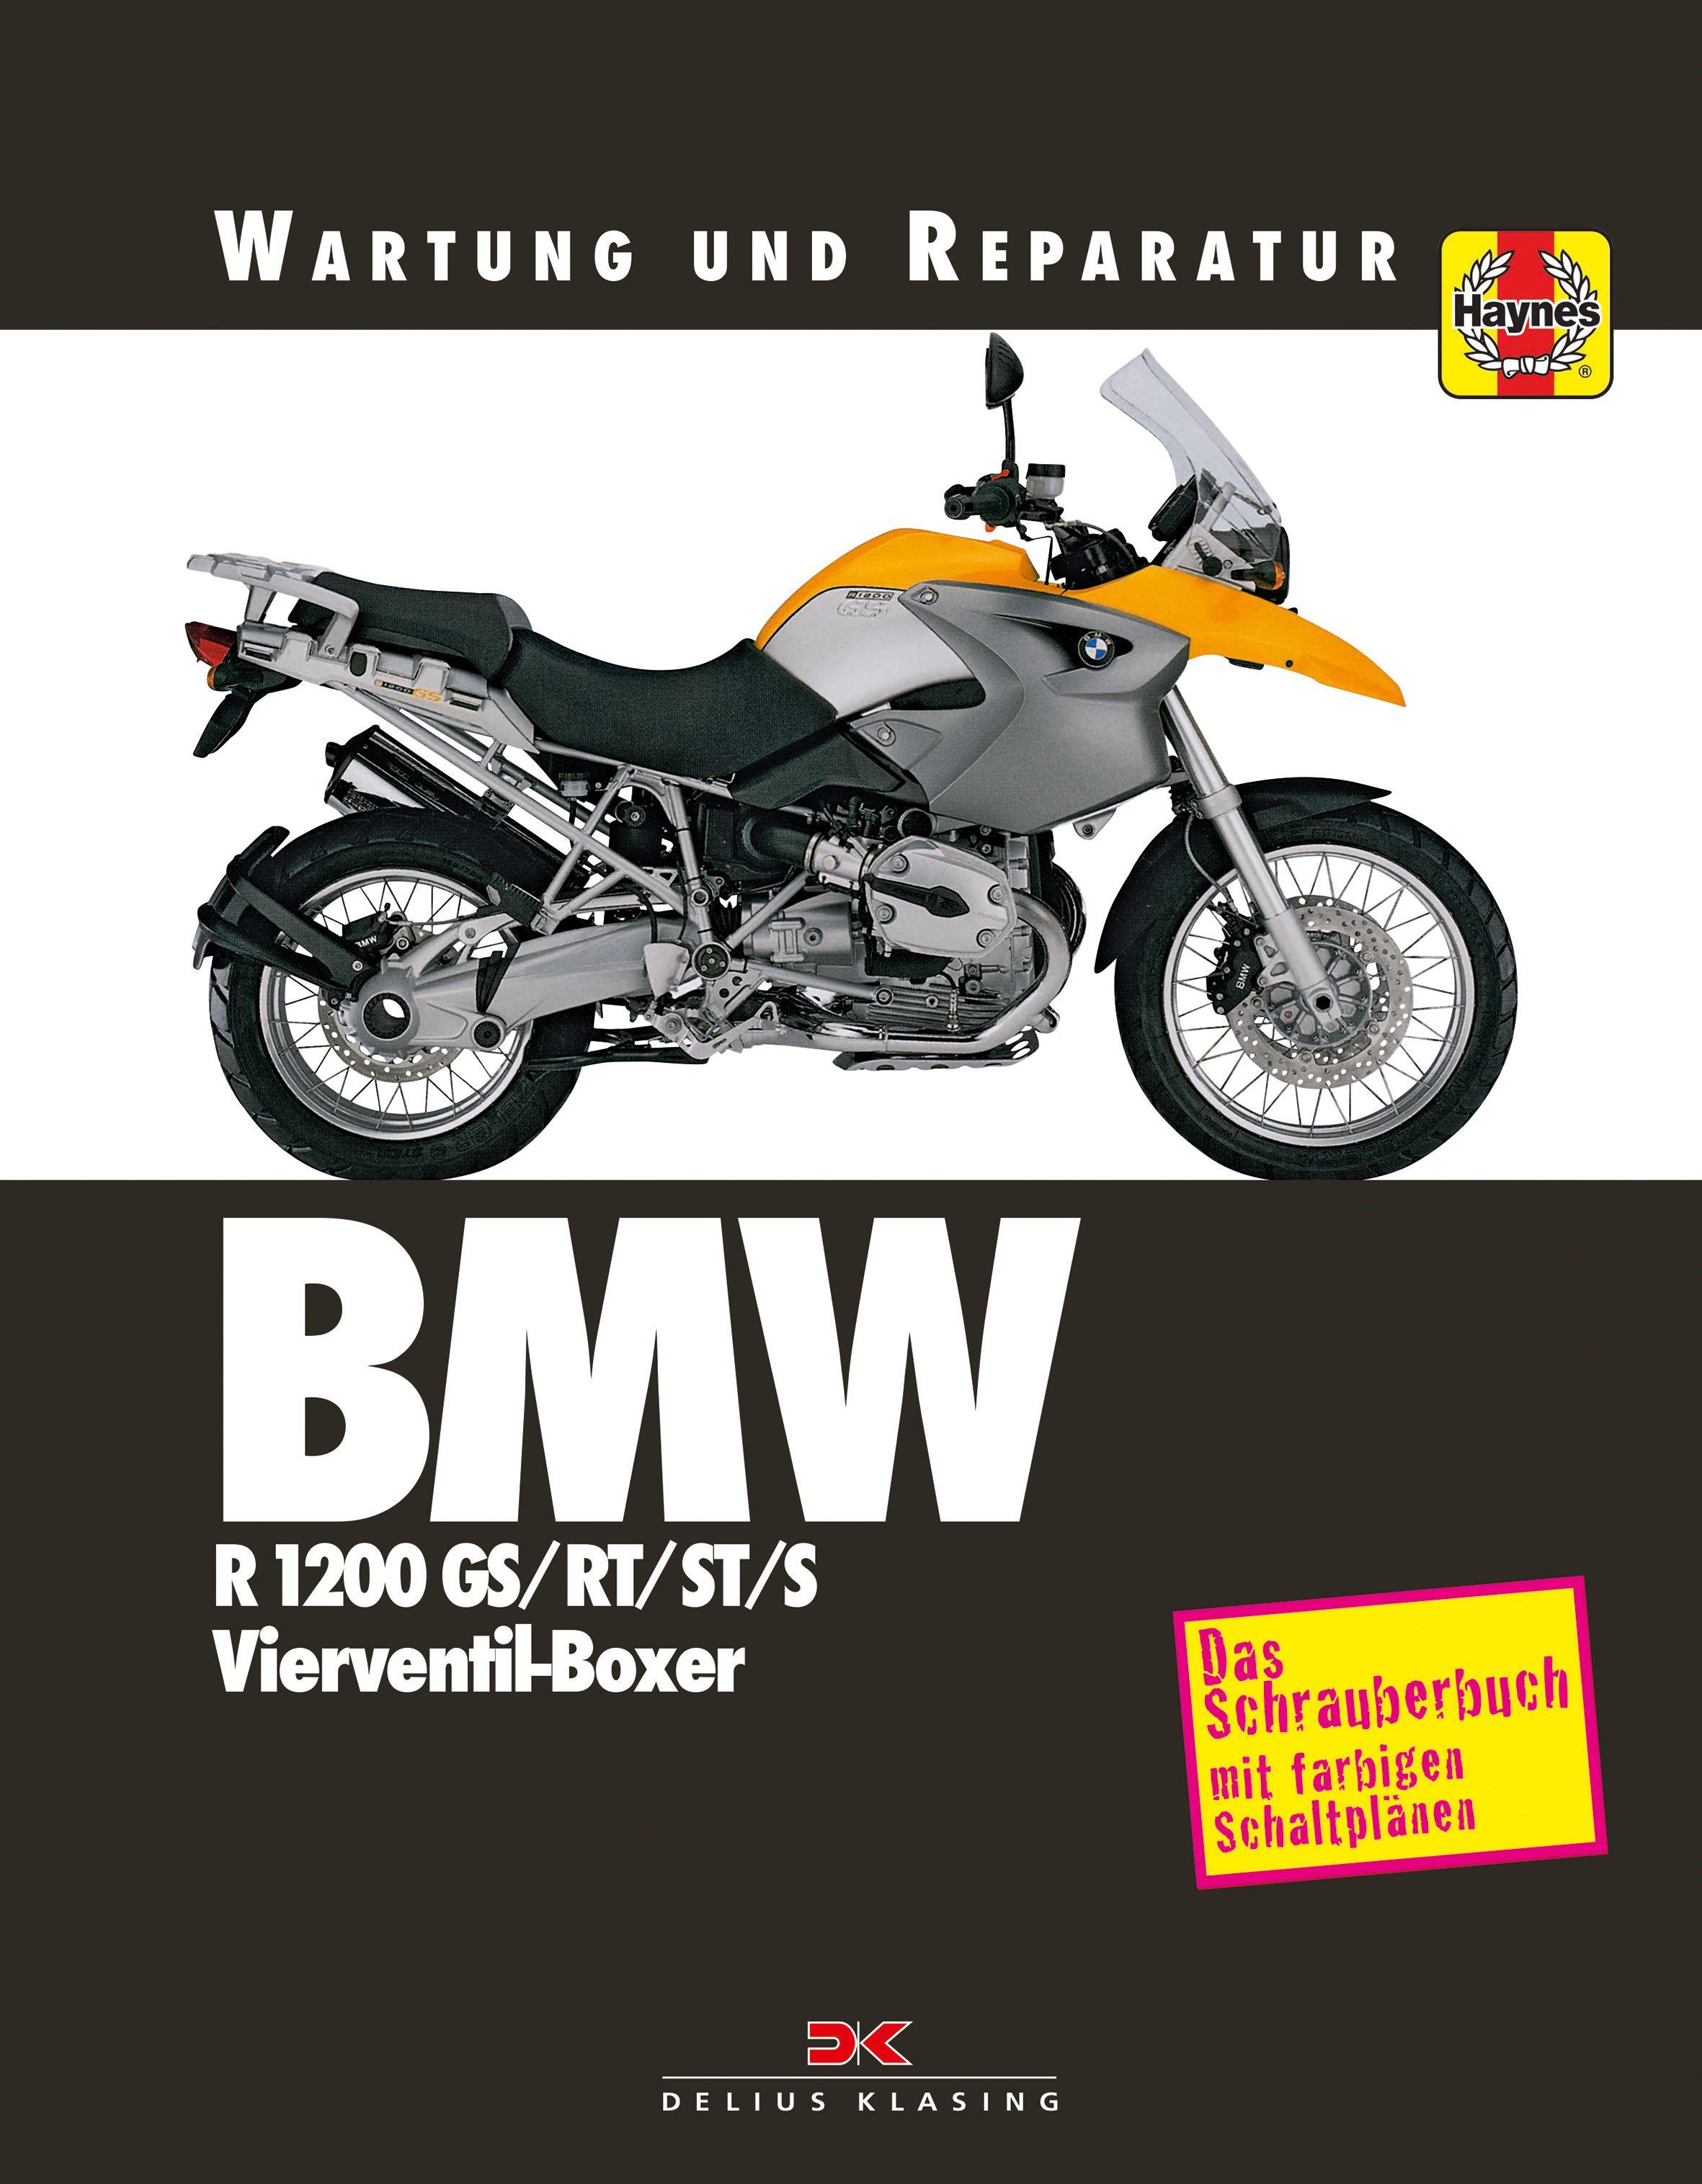 Ungewöhnlich 1981 Kawasaki Motorräder Schaltpläne Bilder ...